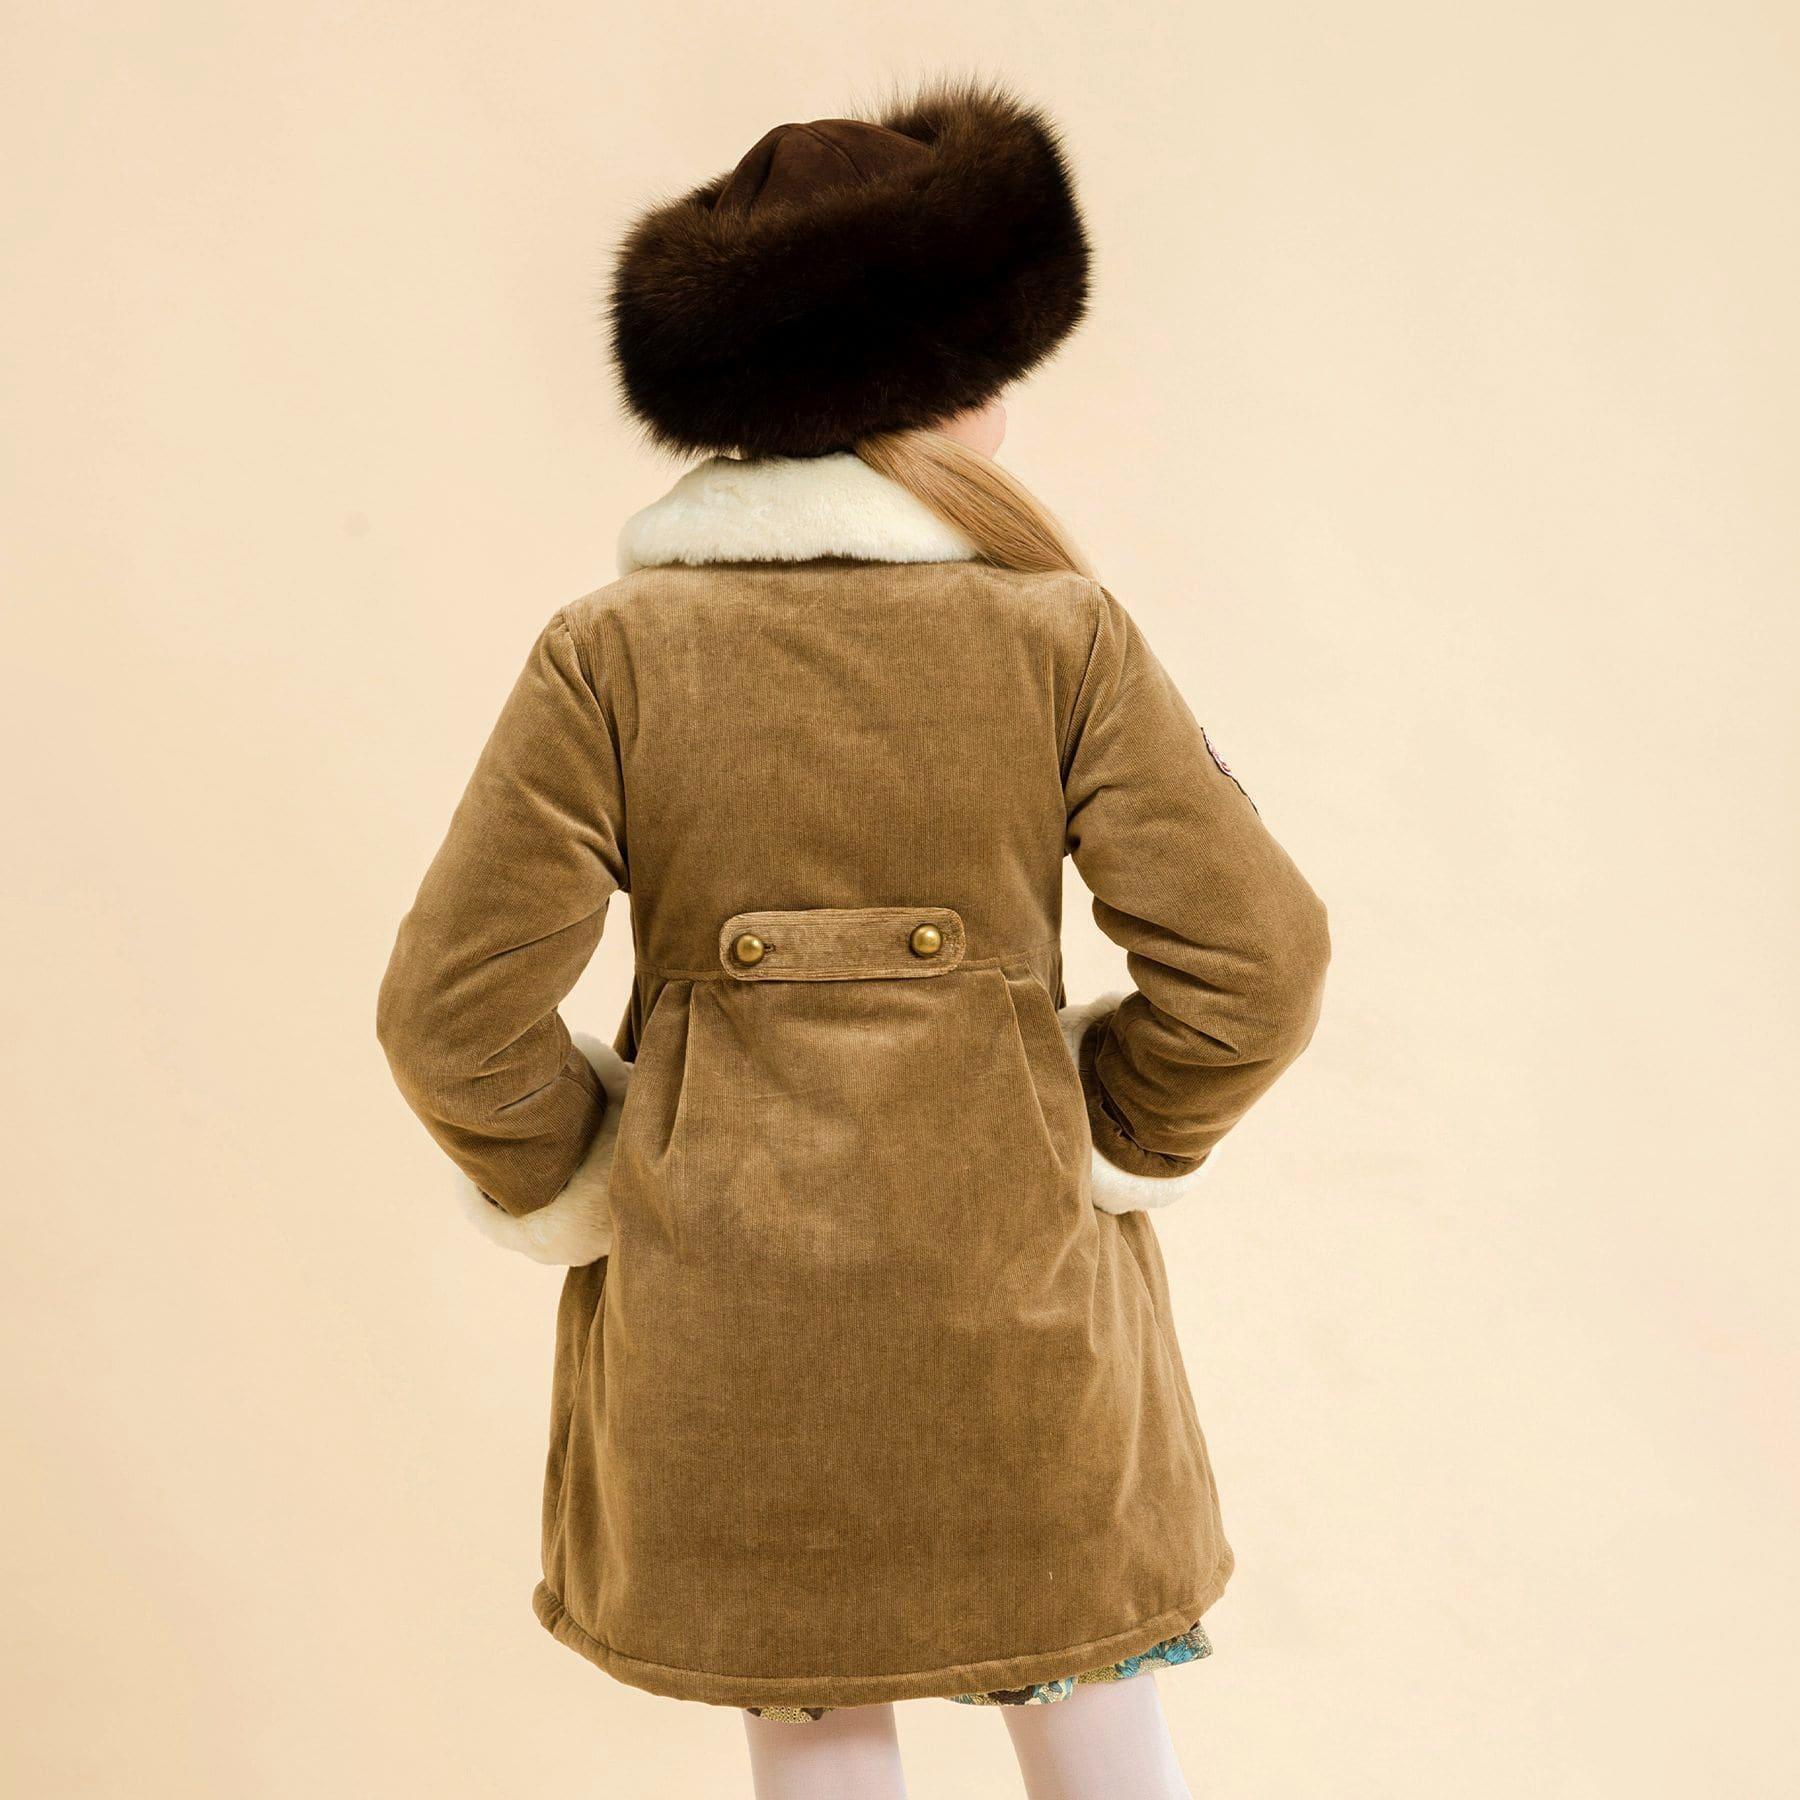 Manteau long matelassé en velours milleraies beige marron glacé avec fermeture à boutons ronds et fausse fourrure au col et aux manches pour filles de 2 à 14 ans